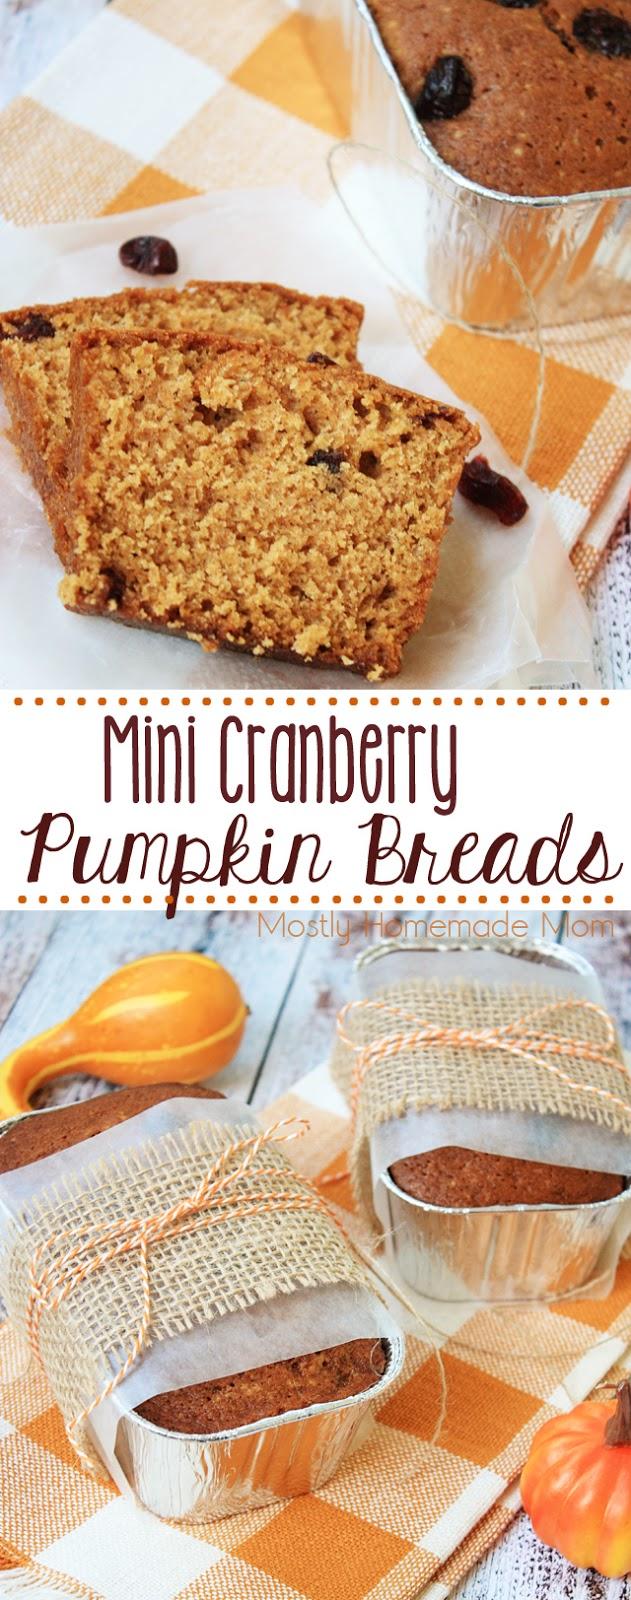 Mini Cranberry Pumpkin Bread Recipe with Canned Pumpkin